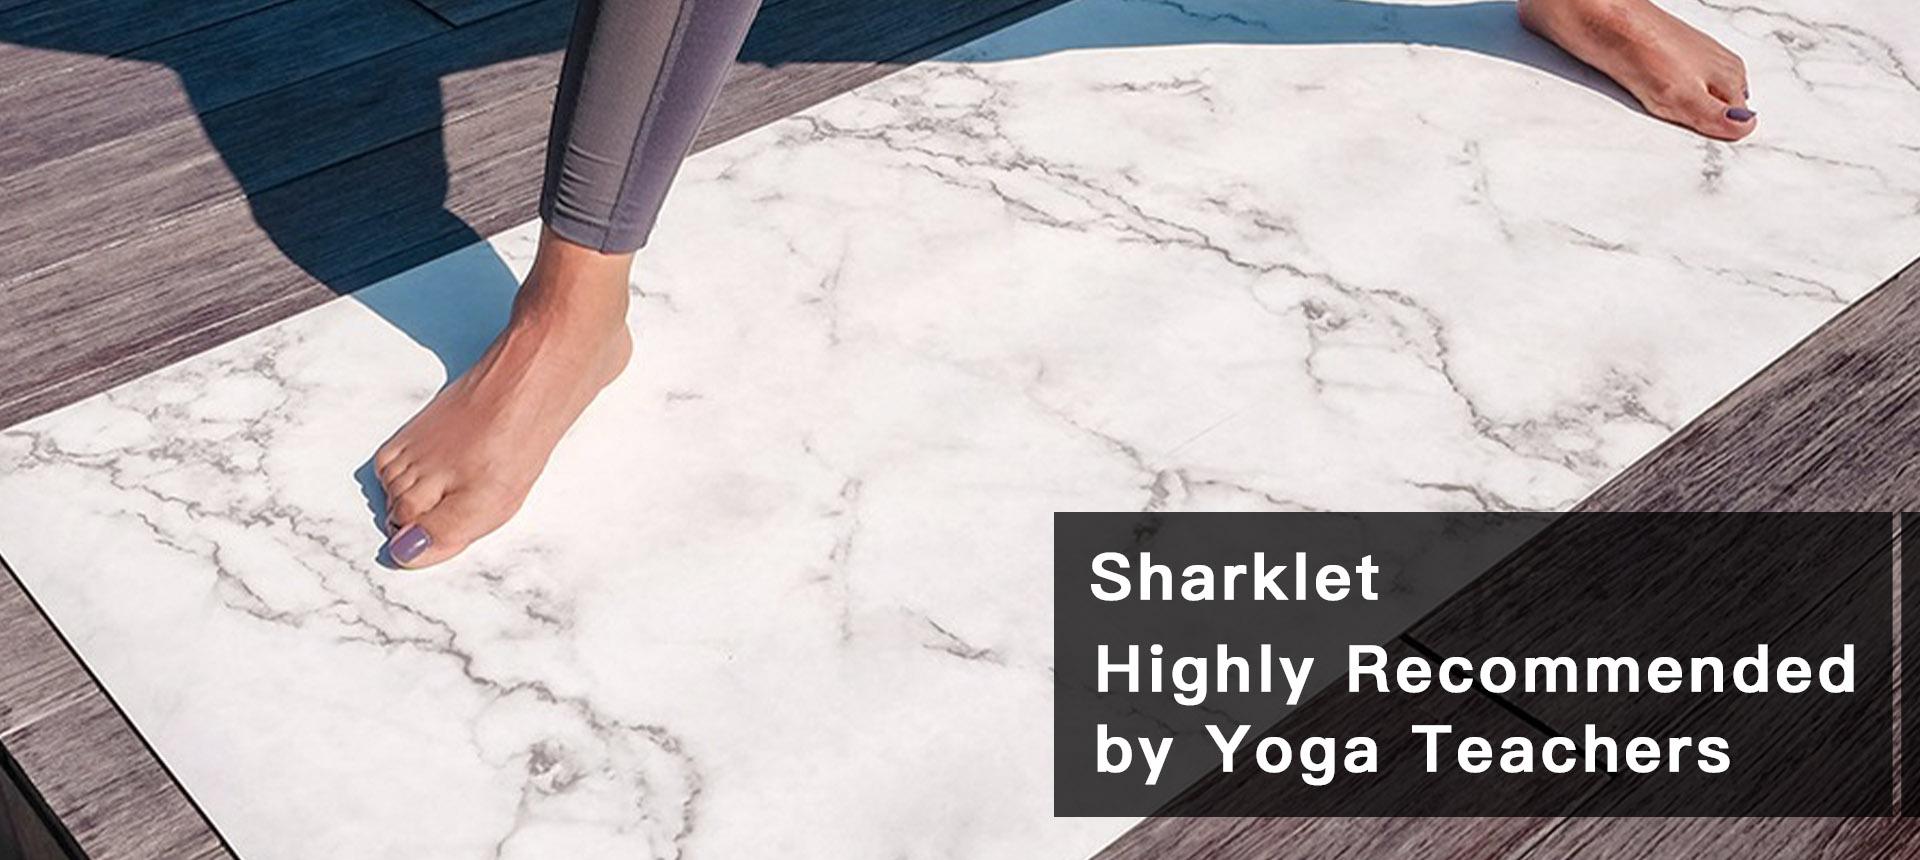 Sharklet Yoga mat